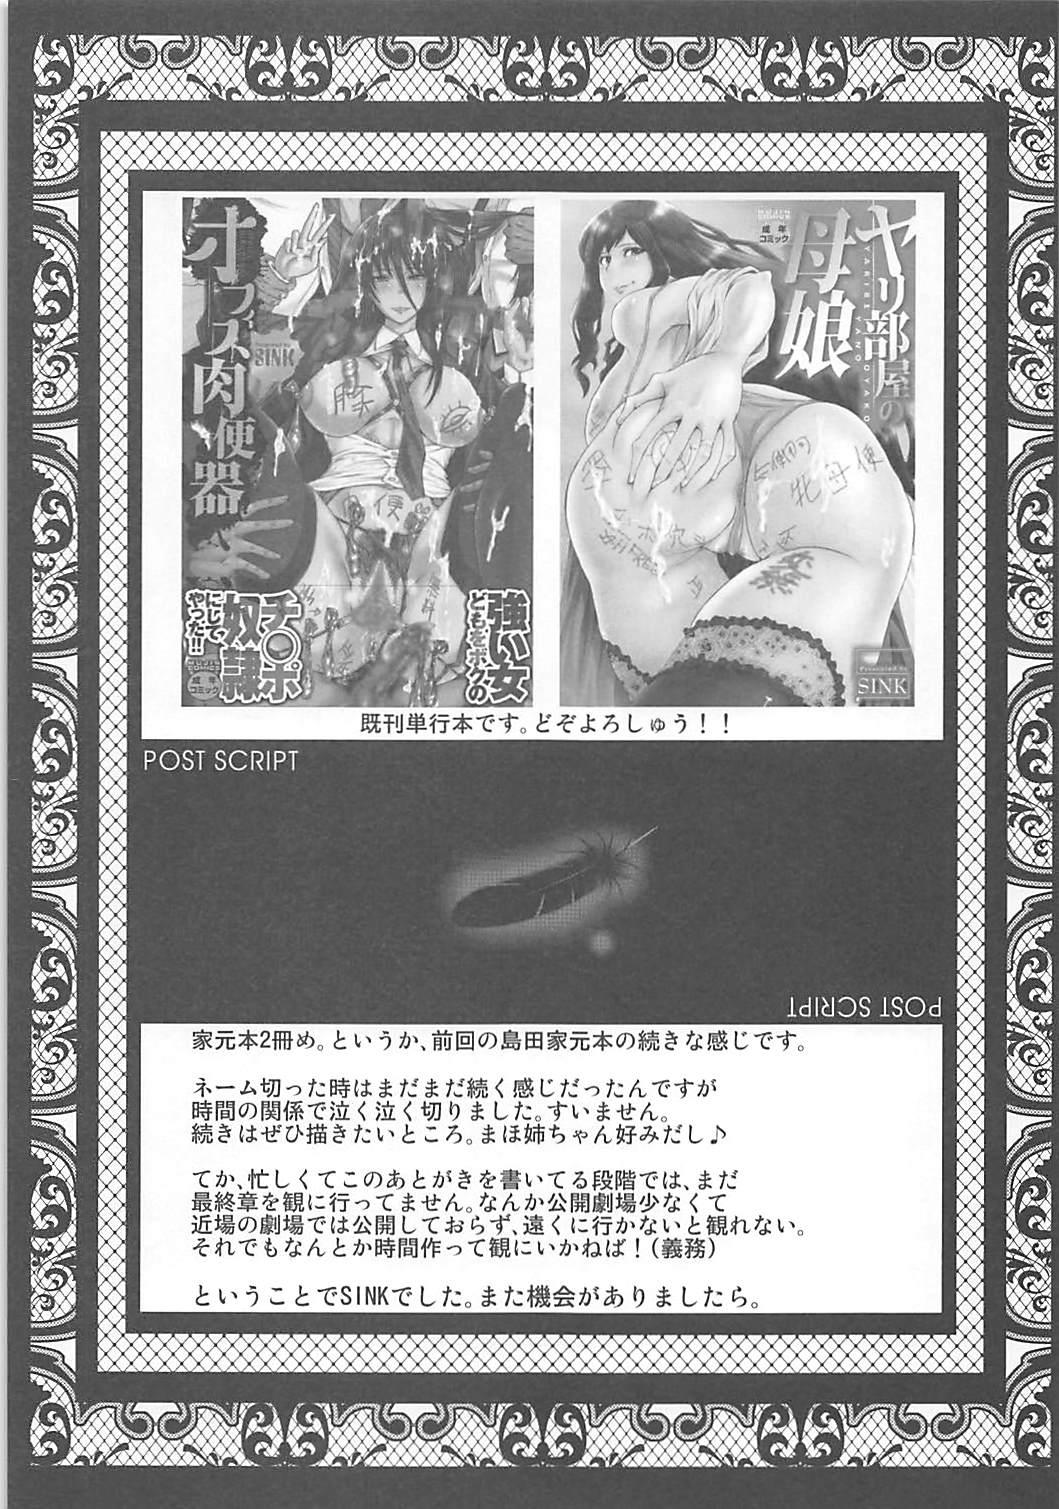 (C93) [Urakata Honpo (SINK)] Urabambi Vol. 56 ~Choubatsubou no Oyako Ana~ Bijin Oyako no Kimeseku Kairaku Jigoku~ (Girls und Panzer) 29